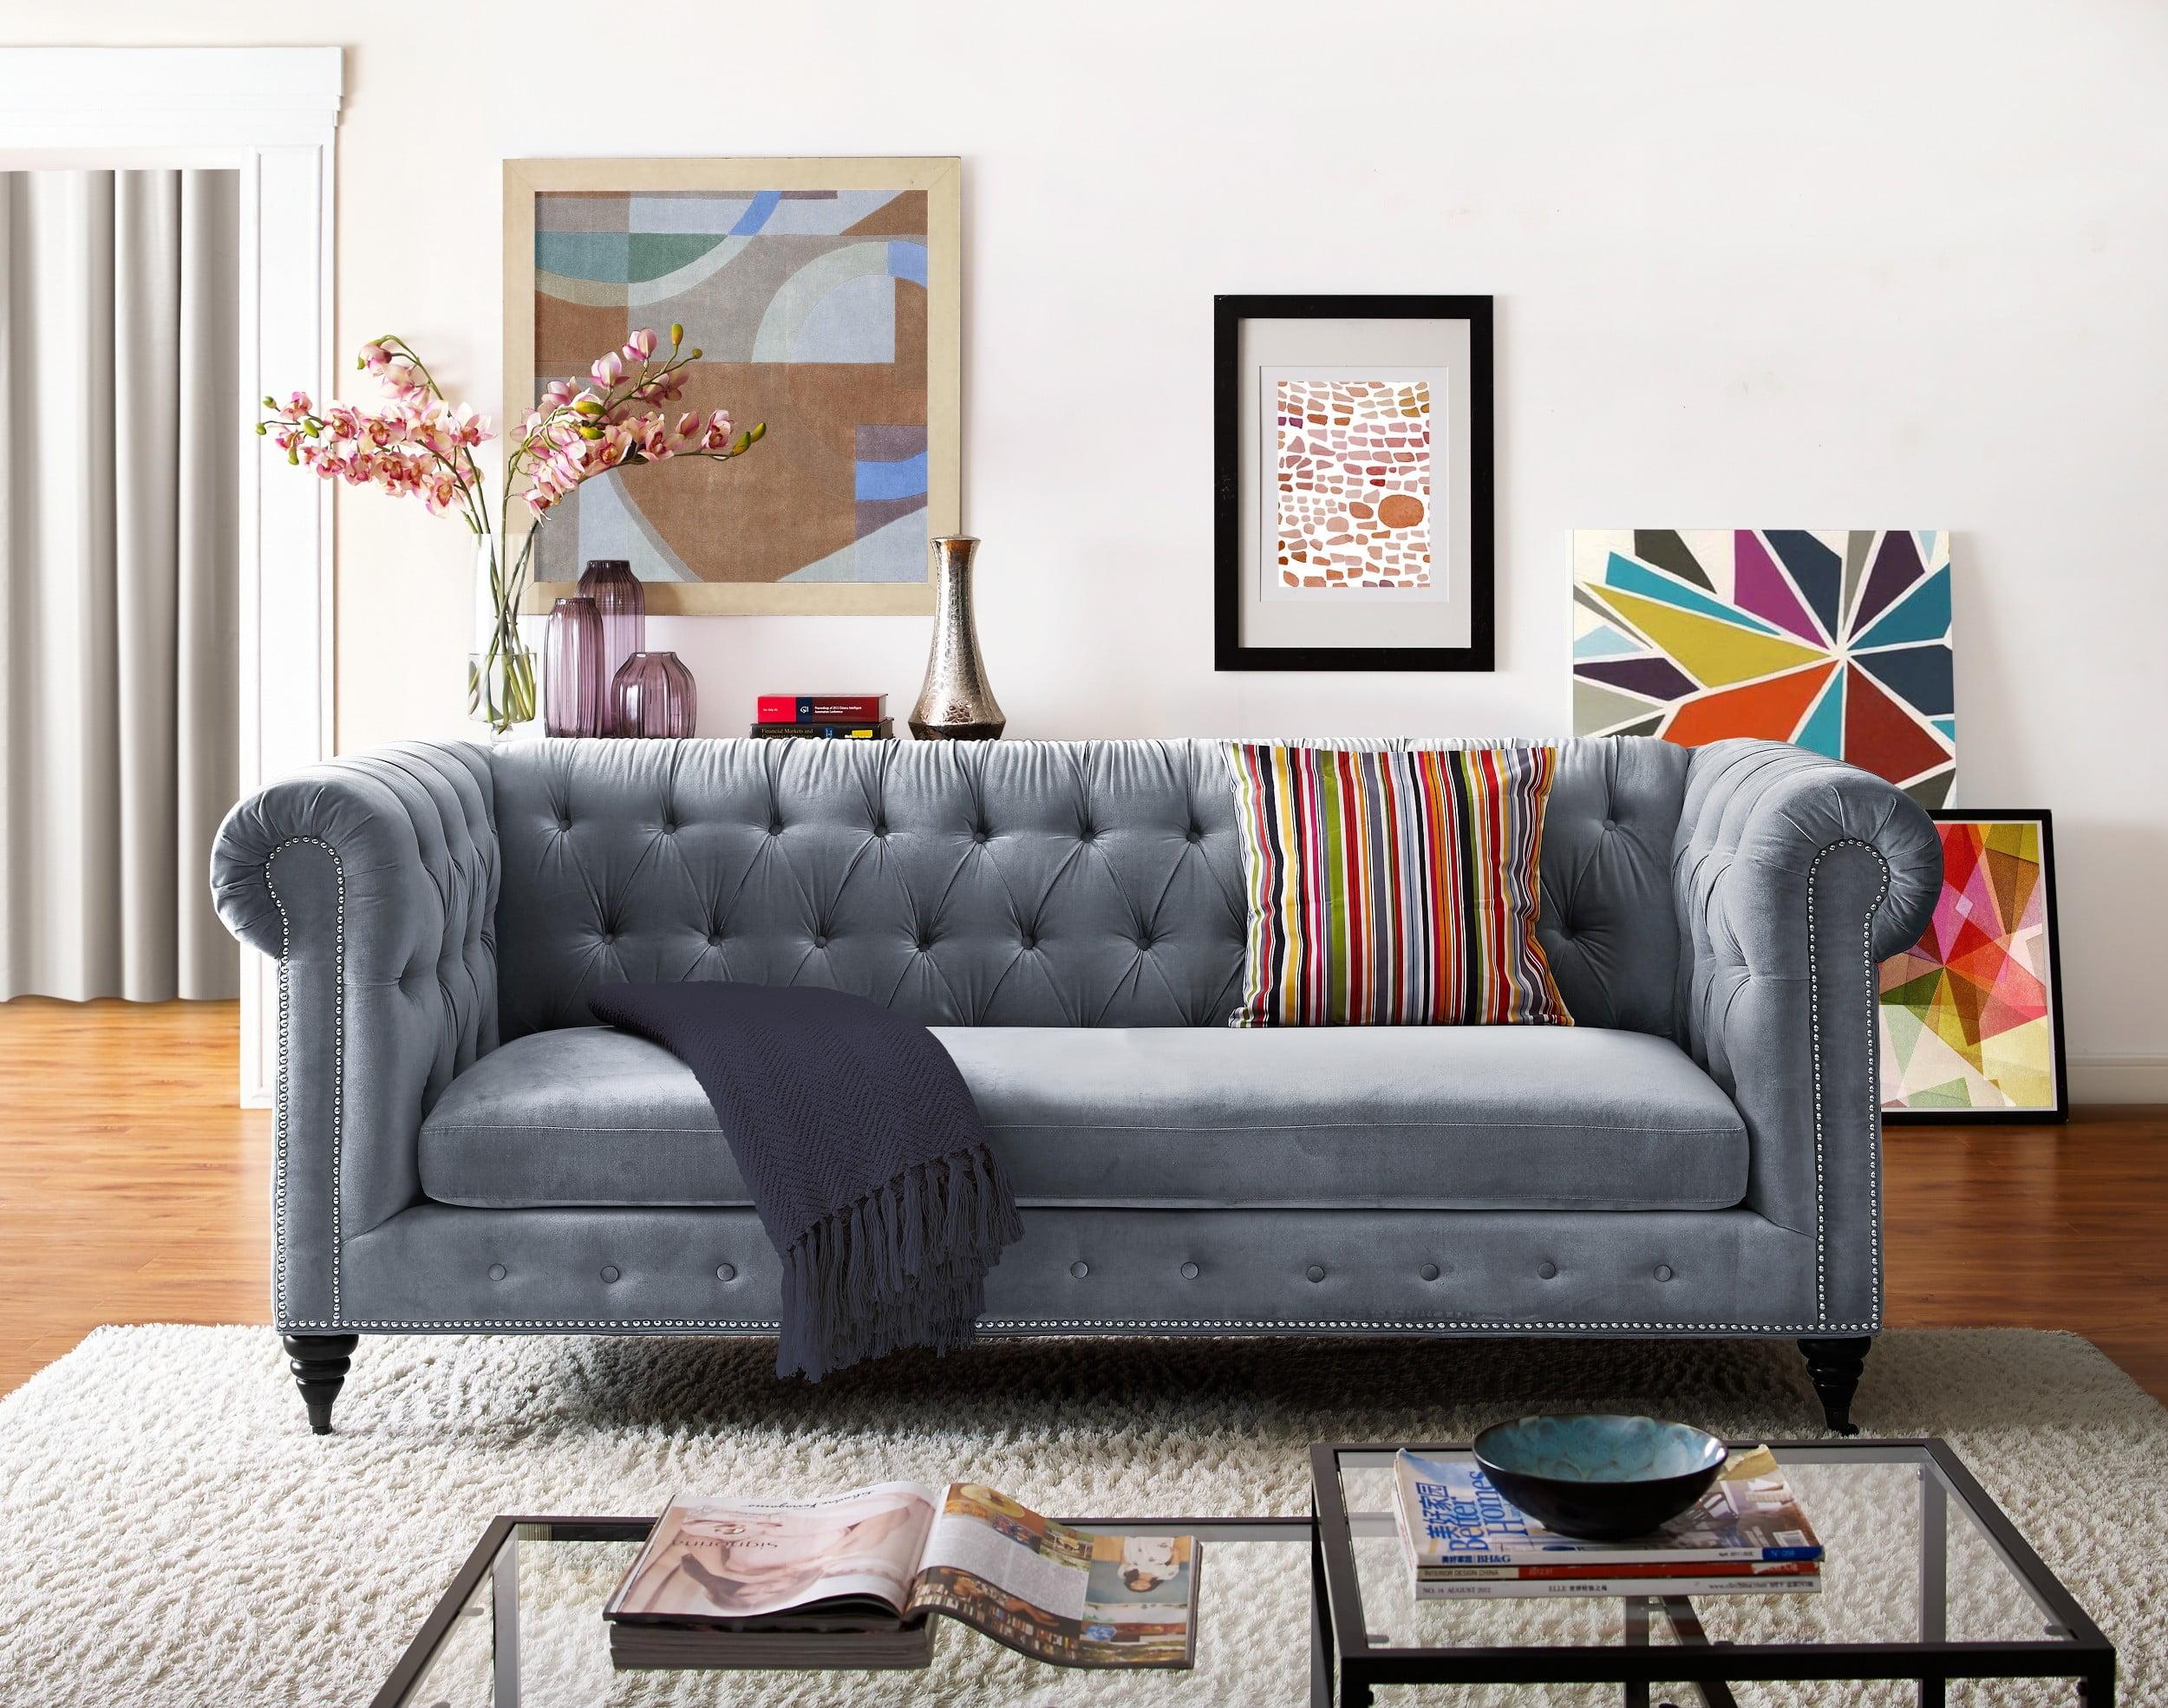 hanny grey velvet sofa from tov s48 coleman furniture. Black Bedroom Furniture Sets. Home Design Ideas